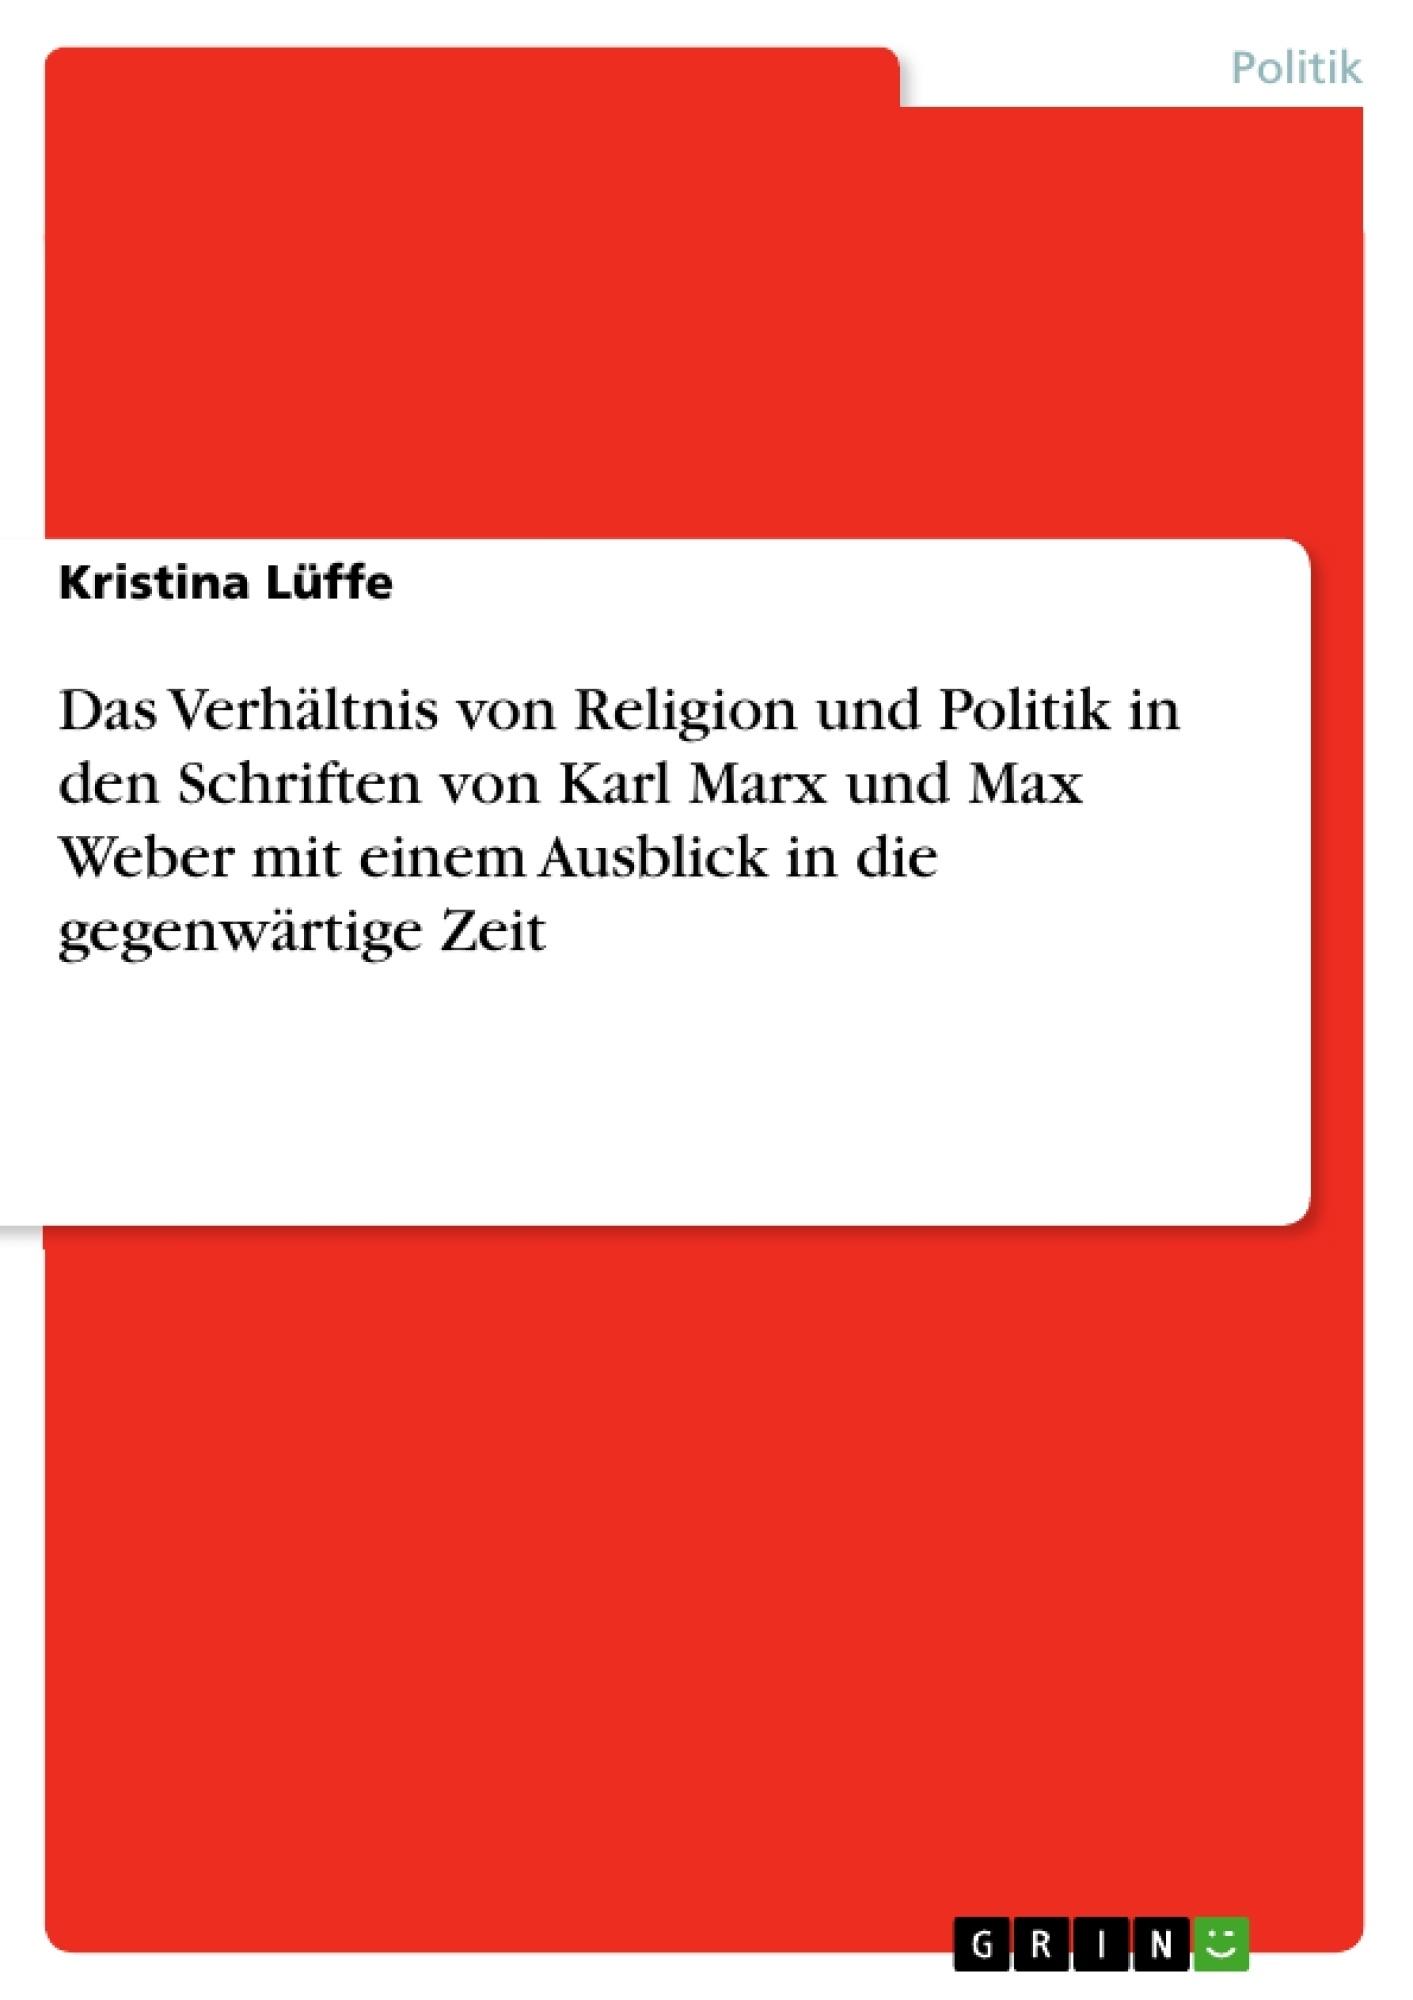 Titel: Das Verhältnis von Religion und Politik in den Schriften von Karl Marx und Max Weber mit einem Ausblick in die gegenwärtige Zeit